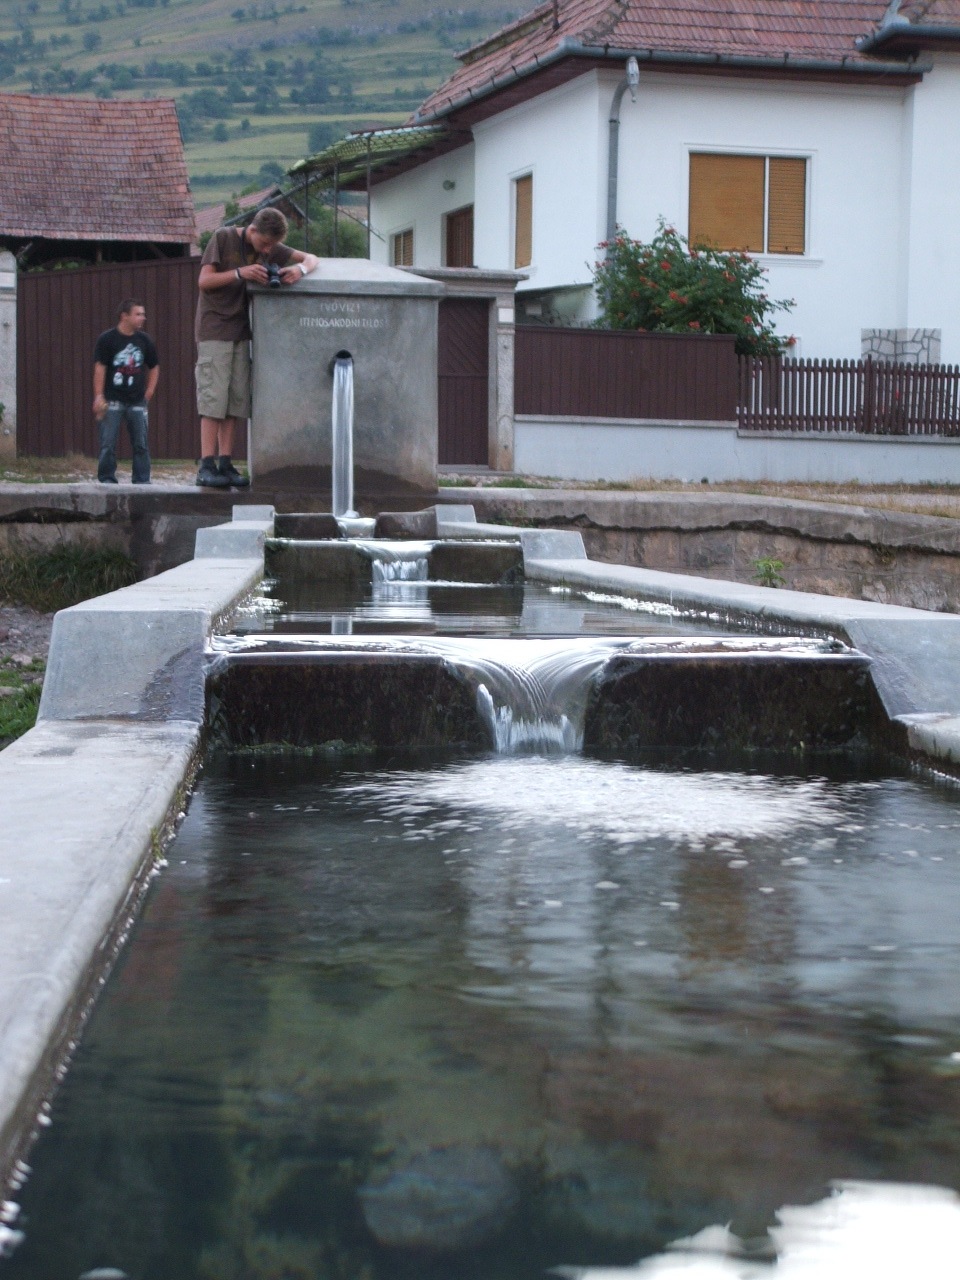 A vajor egy ritkán használt kifejezés, de Torockón ez nagyon is közismert, mivel a település központjában<br /> található.  Egy több funkciós medence ez, felül forrásvíz folyik be, ami ivóvíz, lejjebb a hosszú vályúból<br /> az állatok isznak, a kiszélesedő medencében pedig mosni szoktak a helybeliek.